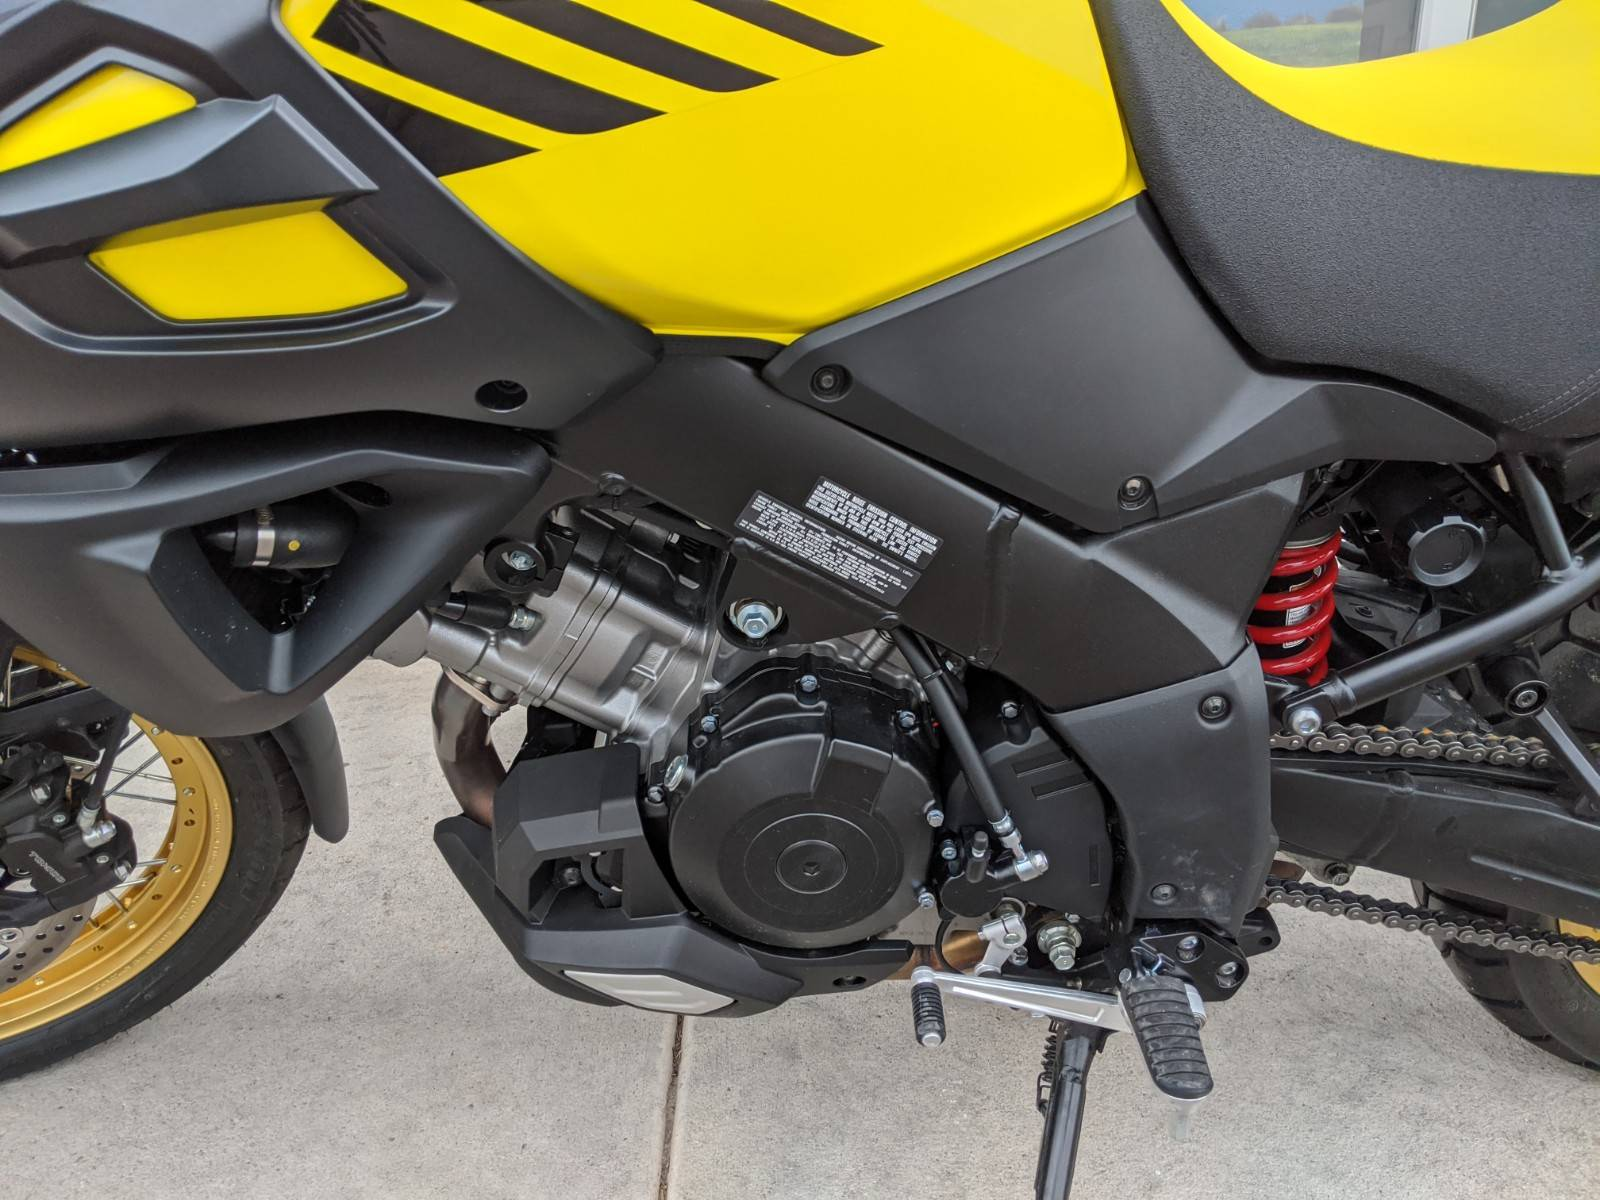 2018 Suzuki V-Strom 1000XT 6